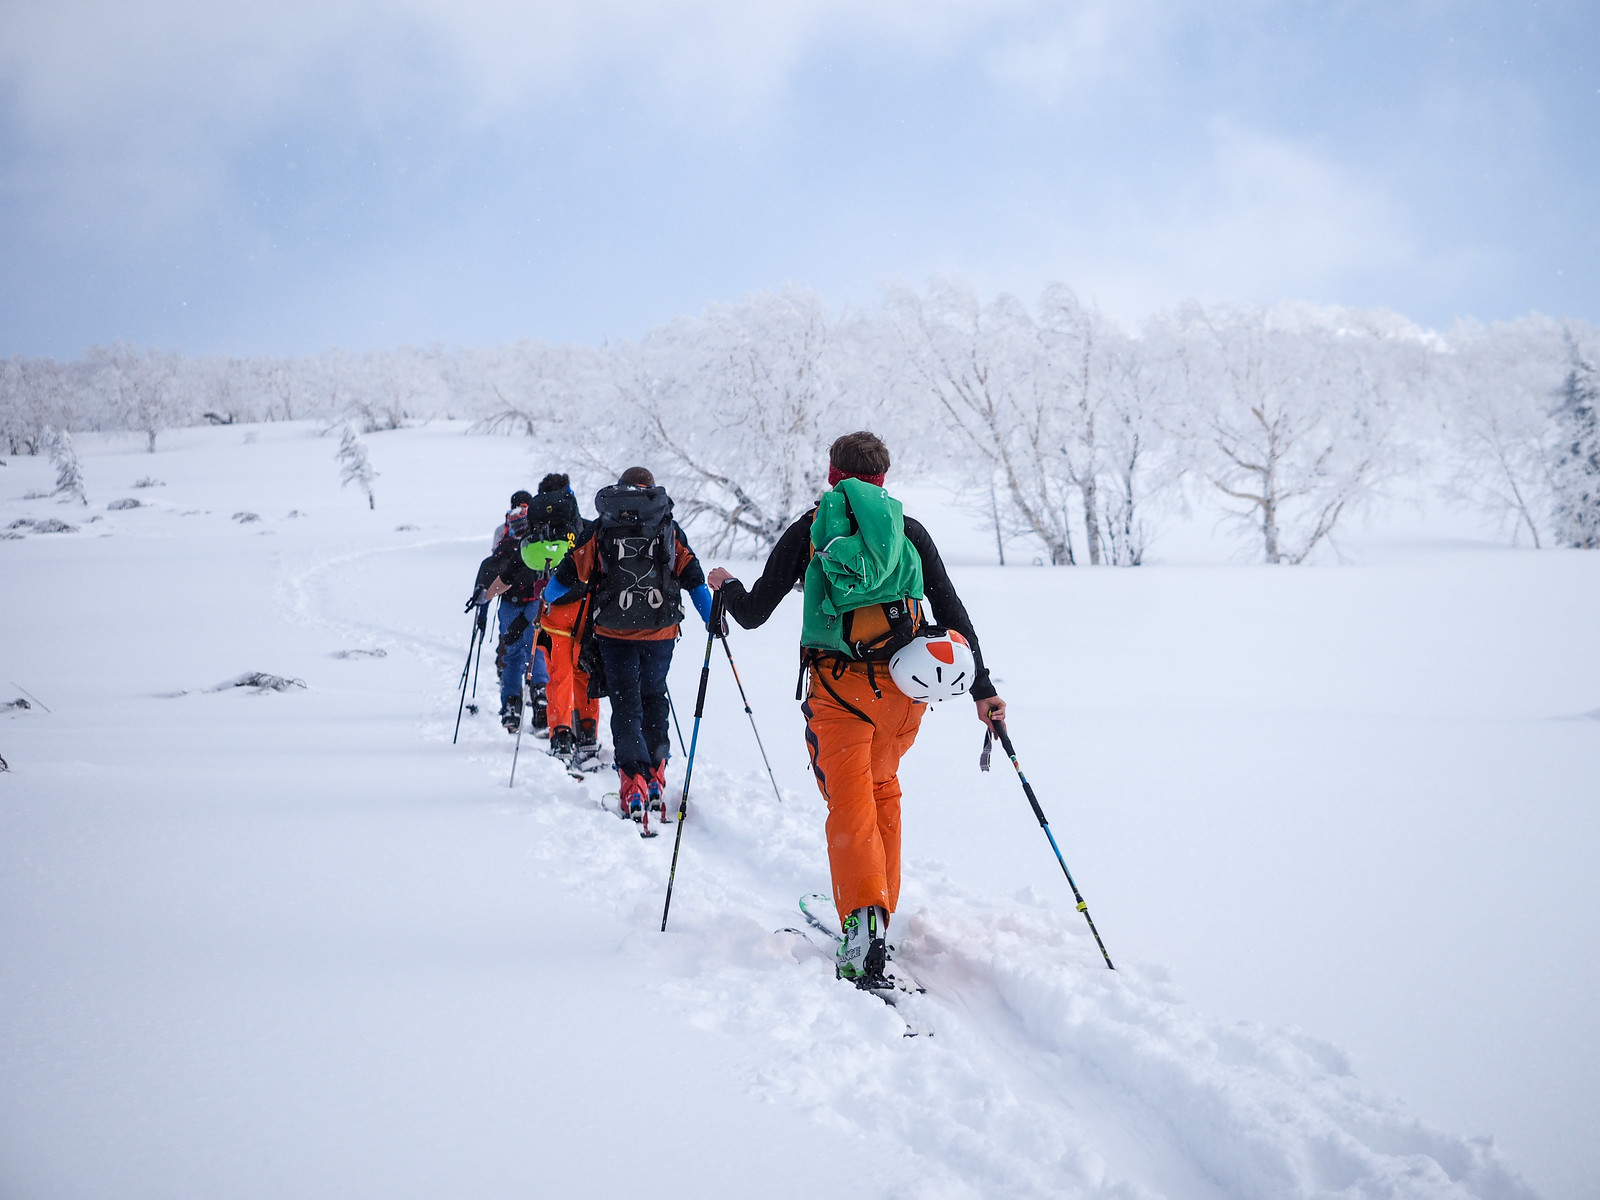 Mt. Sapporo Hiyamizu Hut ski touring (Hokkaido, Japan)